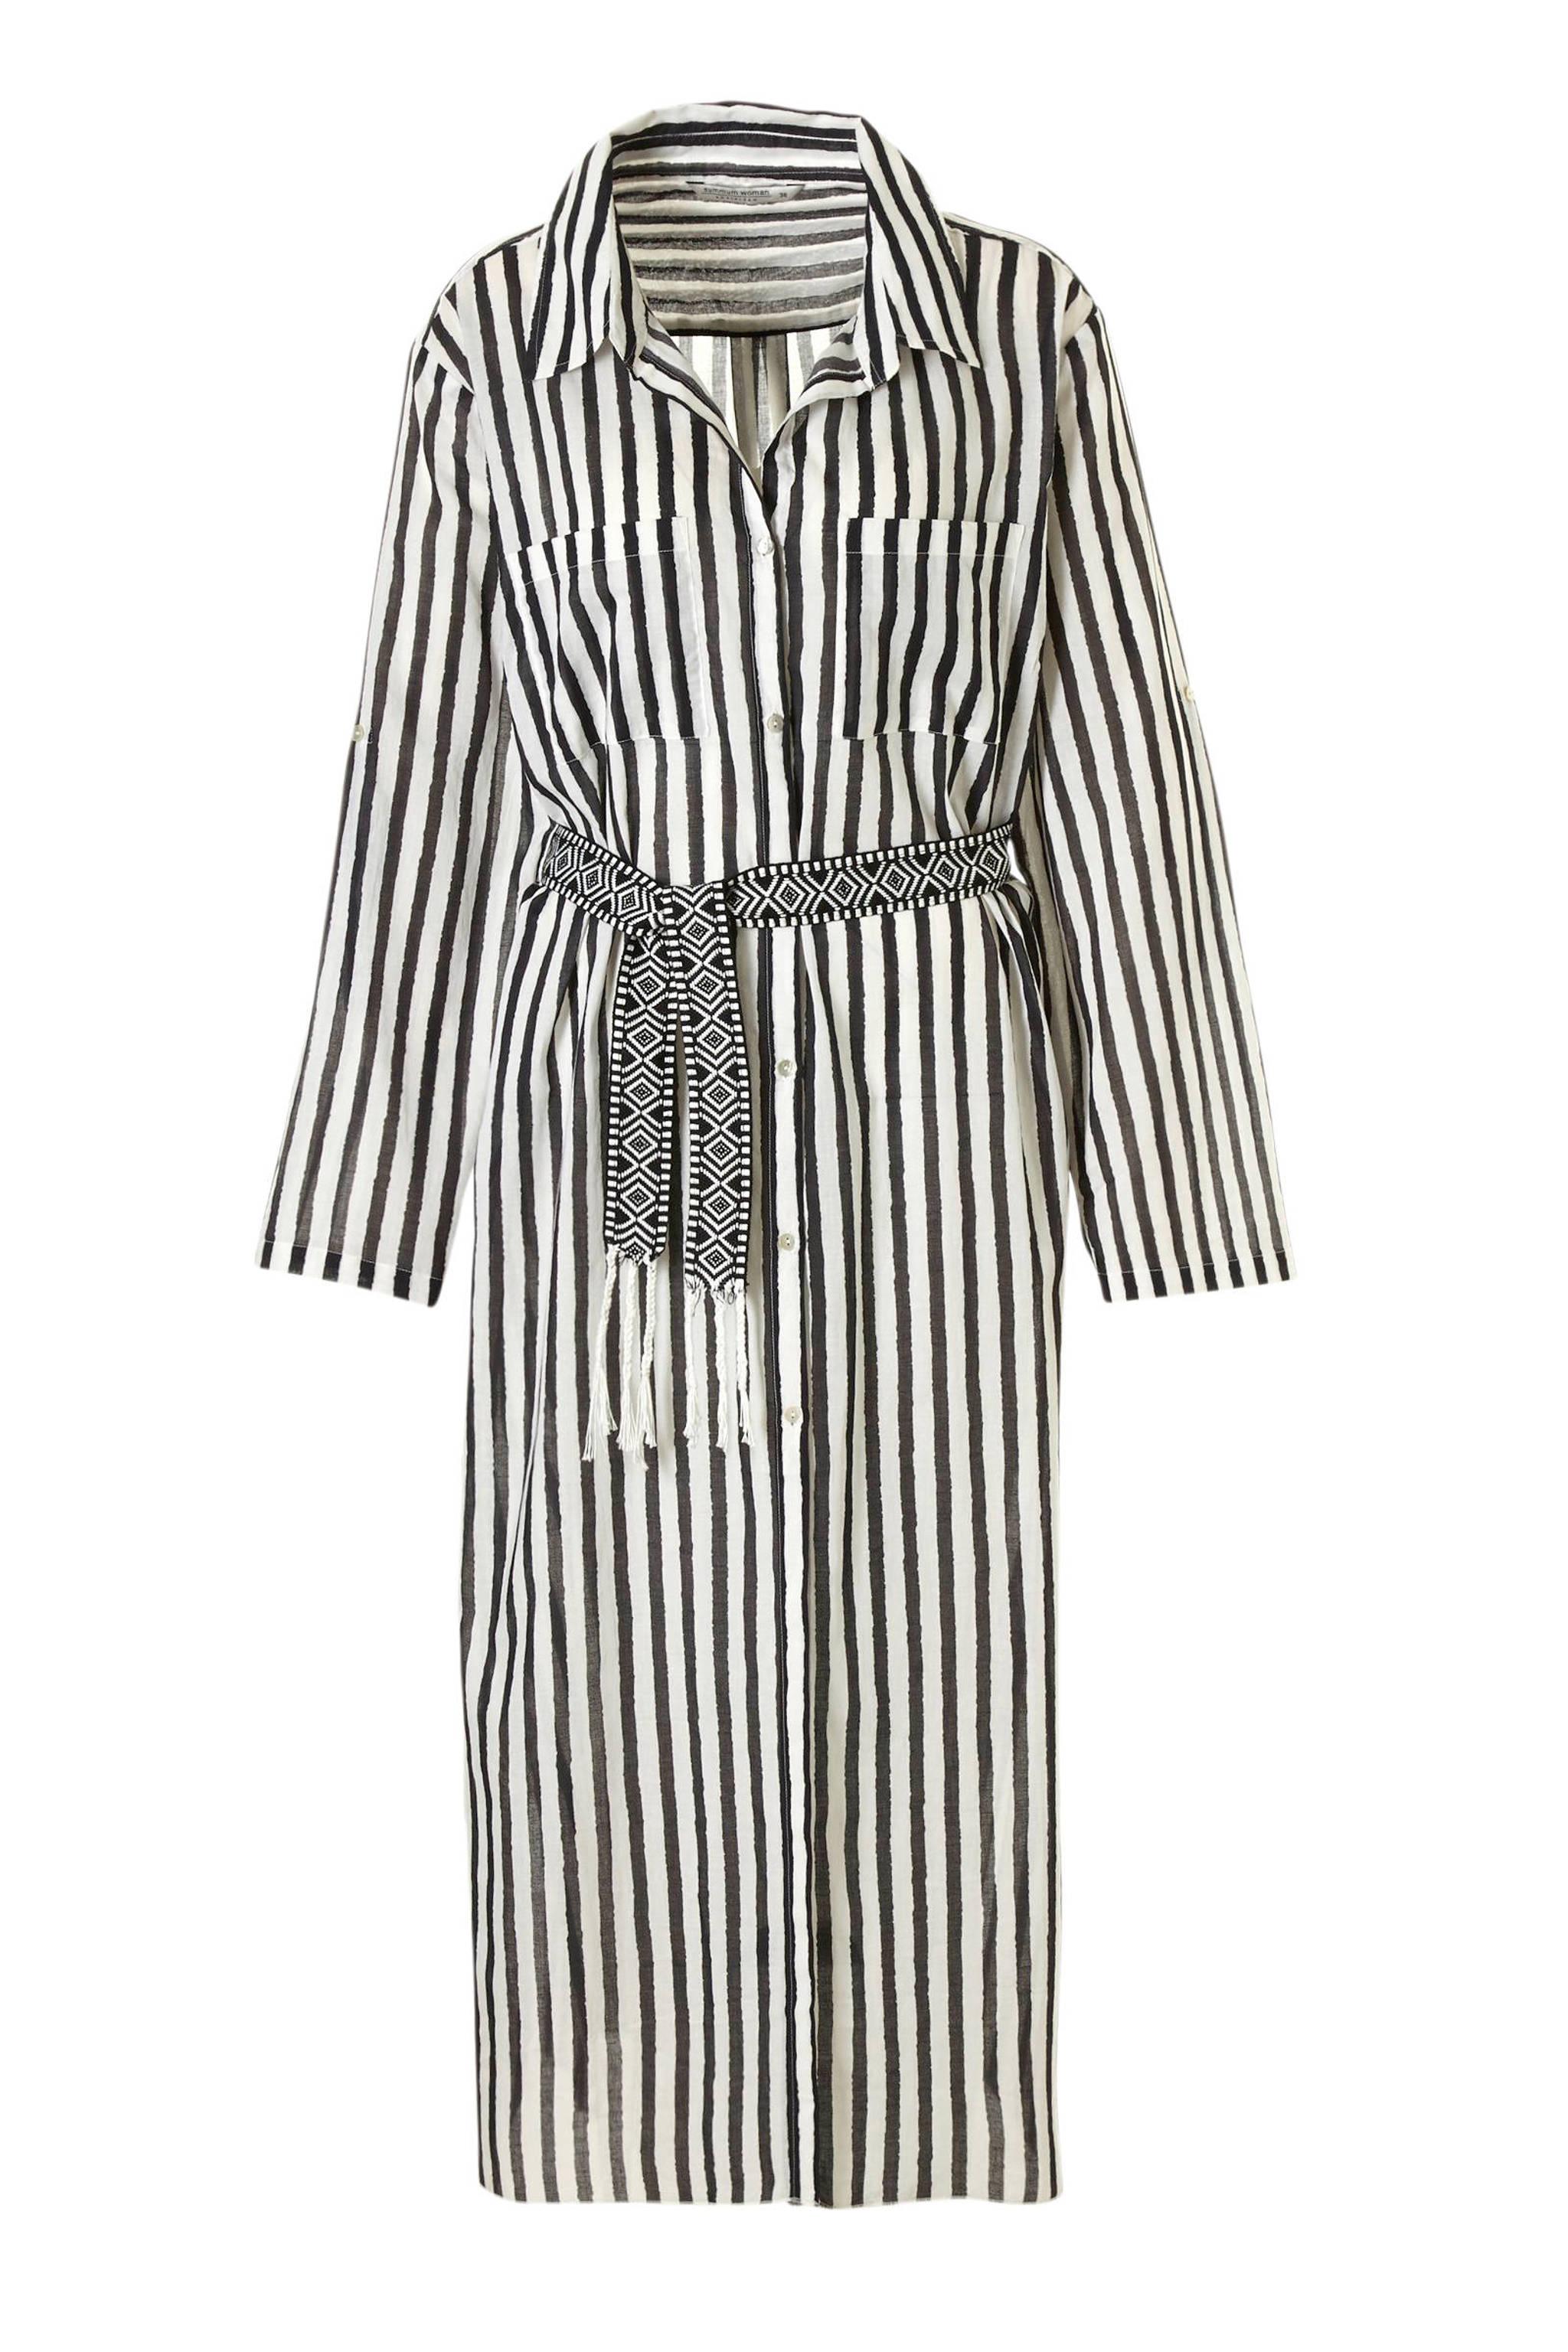 bfc037449427c9 Summum Woman maxi jurk met strepen en bindceintuur